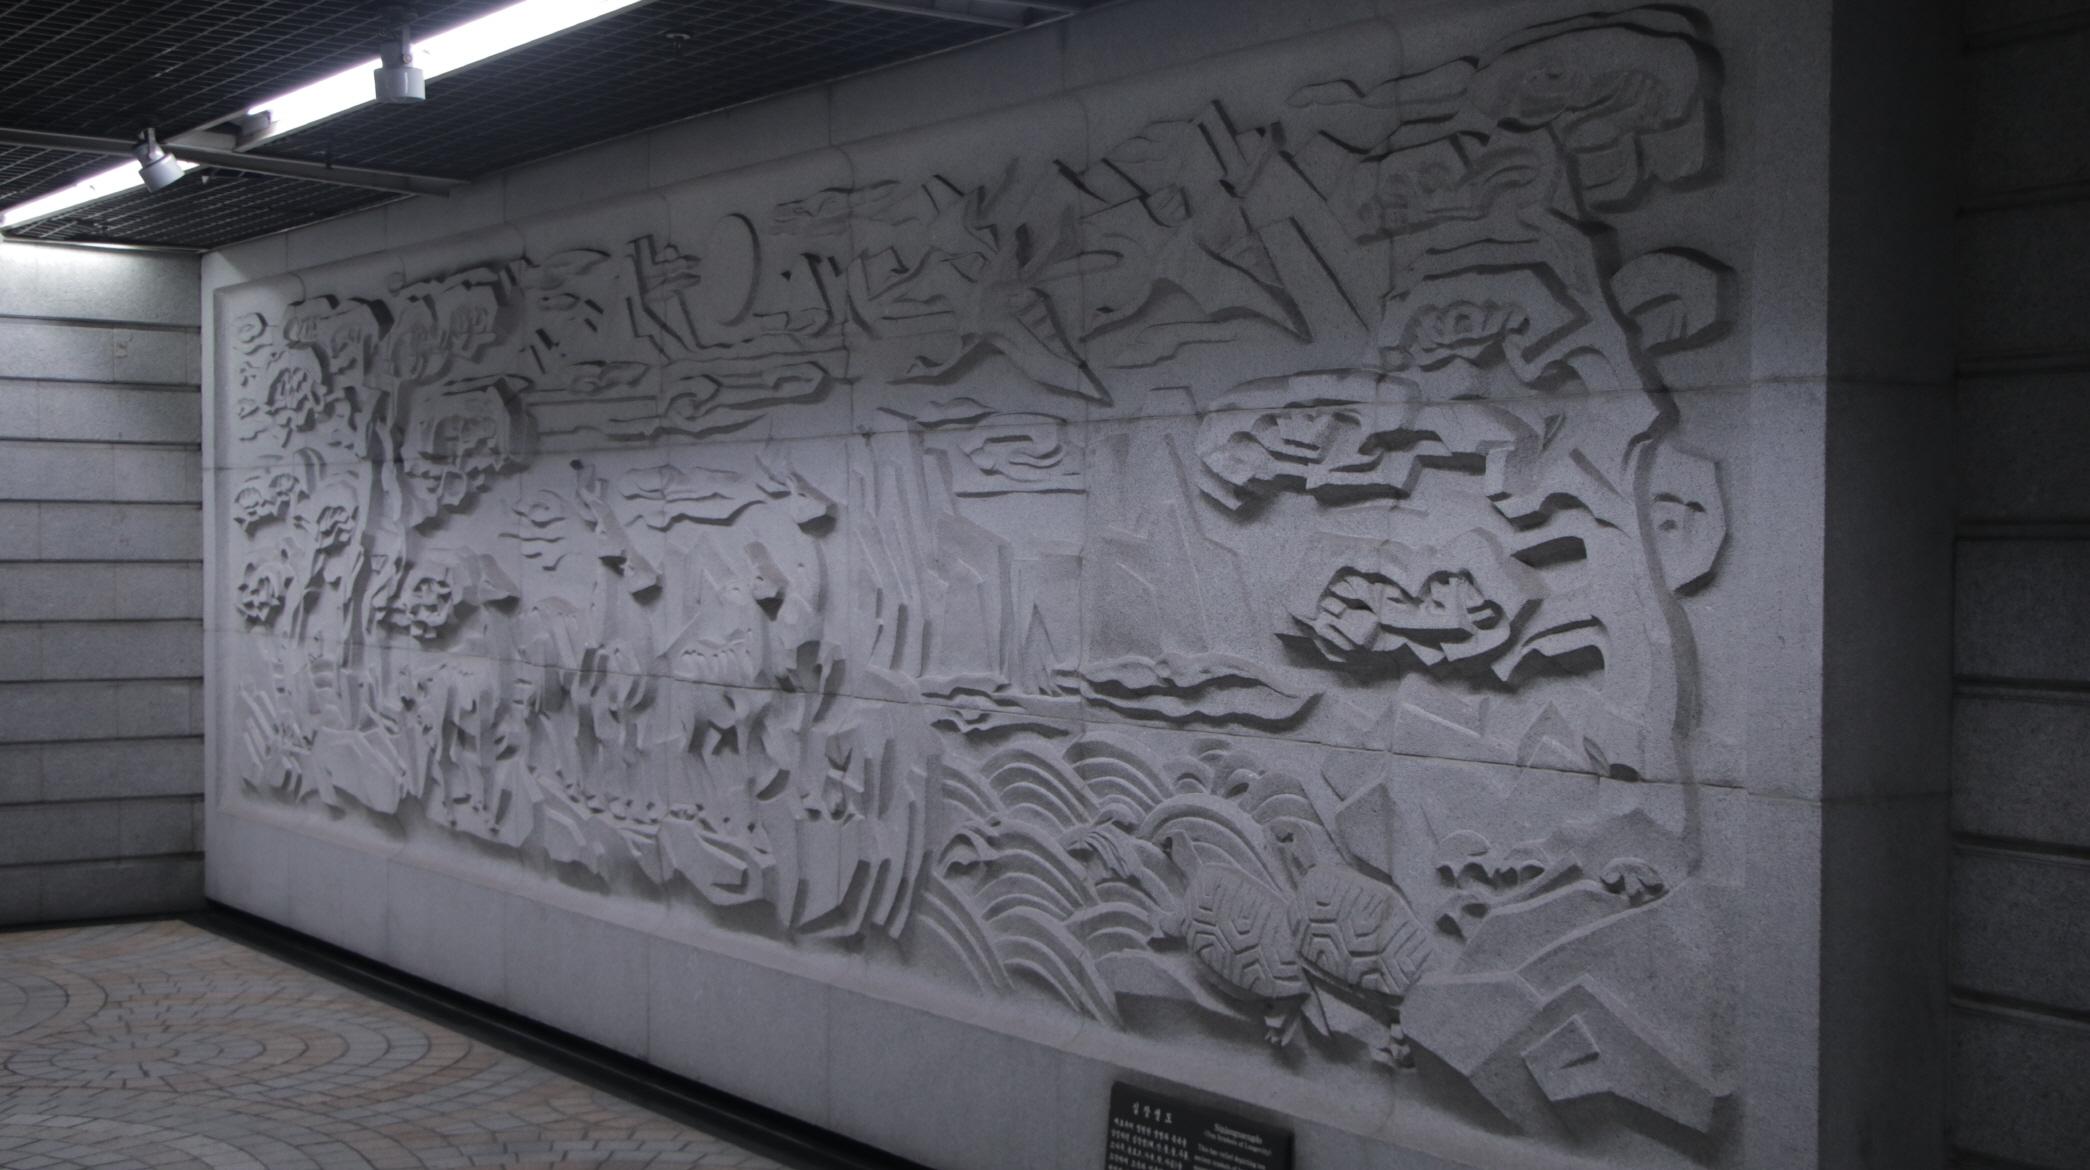 지하철 경복궁 역사(조각2)